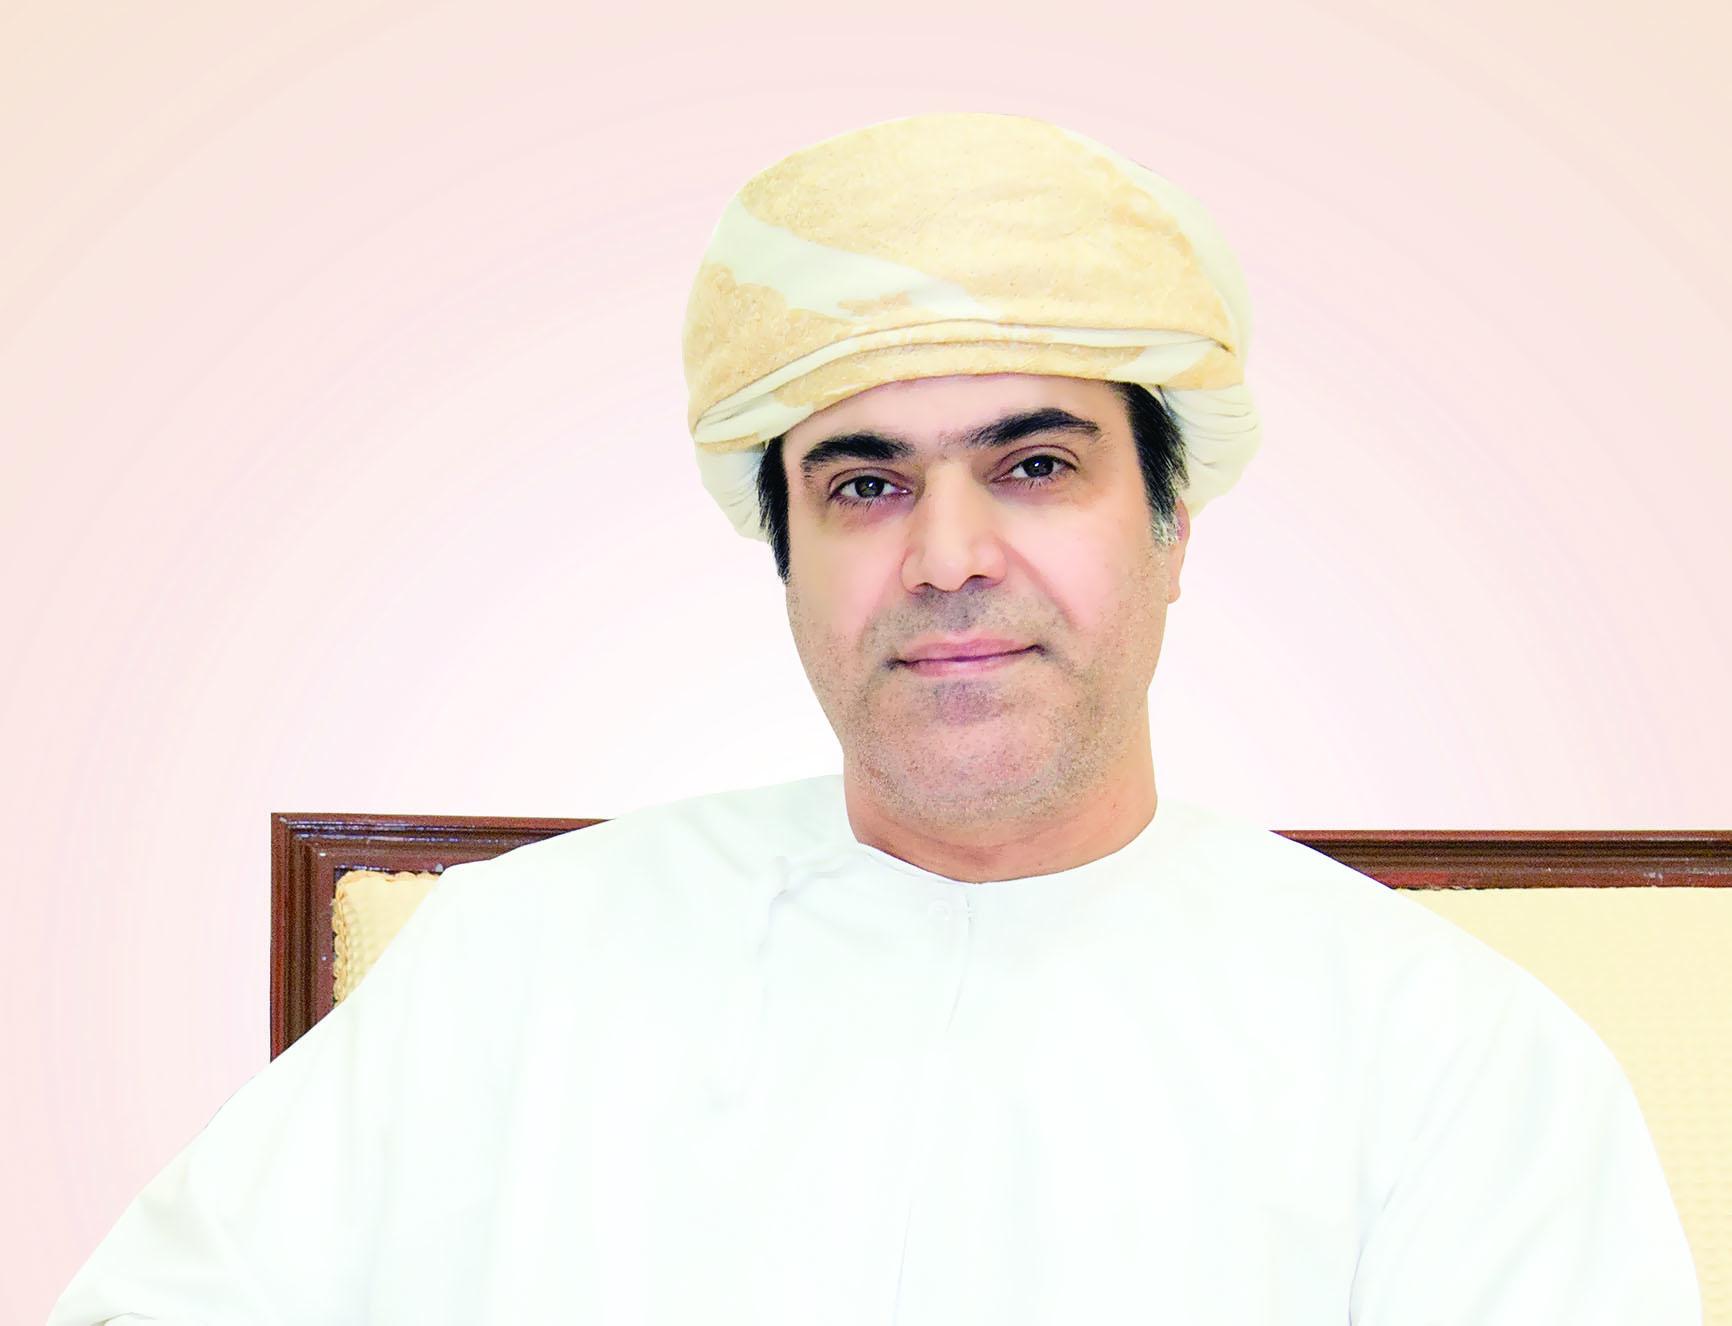 السلطنة تشارك في اجتماعات المجلس الاقتصادي والاجتماعي العربي